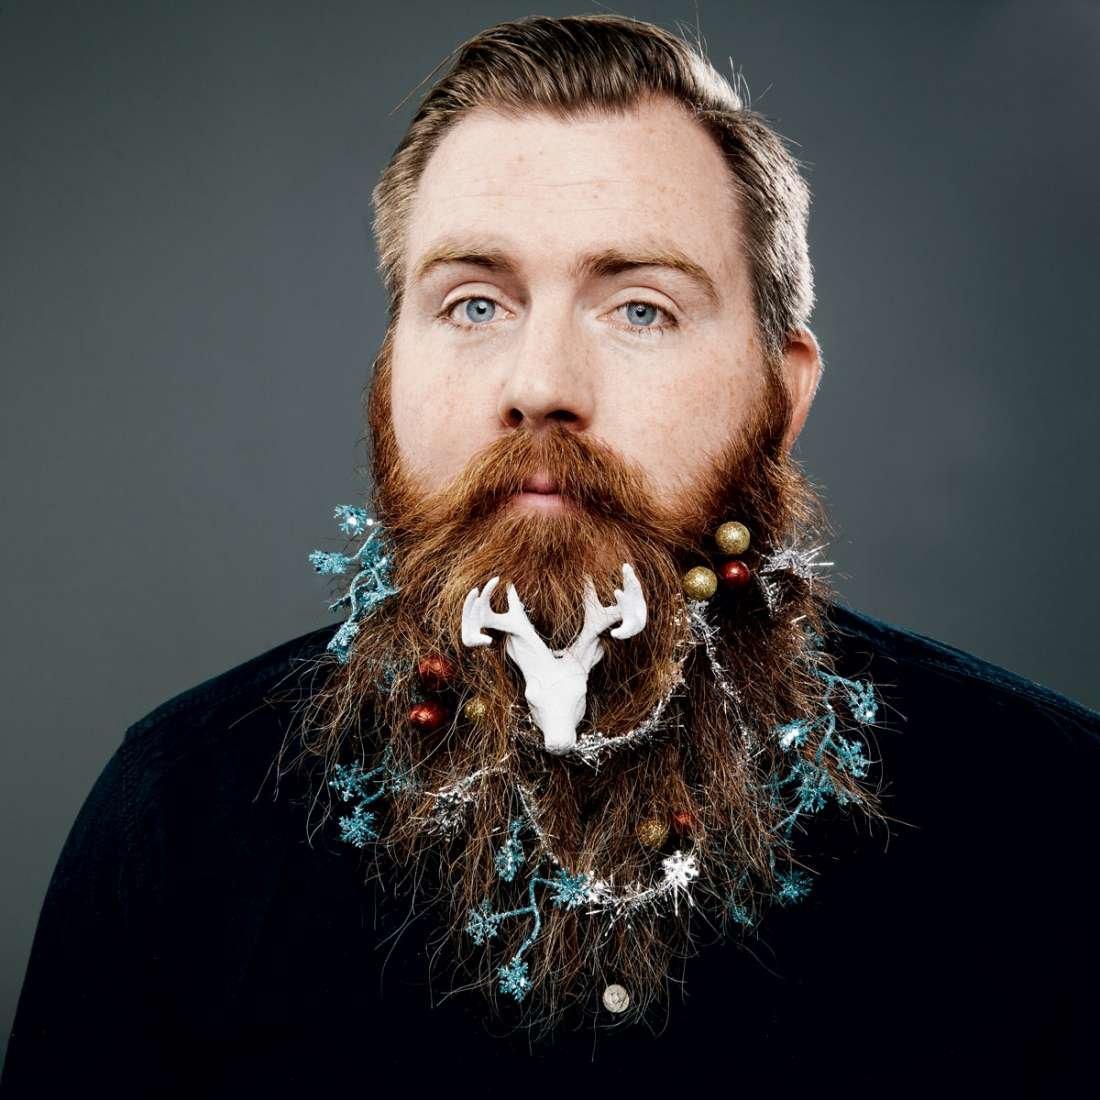 Смешные картинки бородатых мужчин